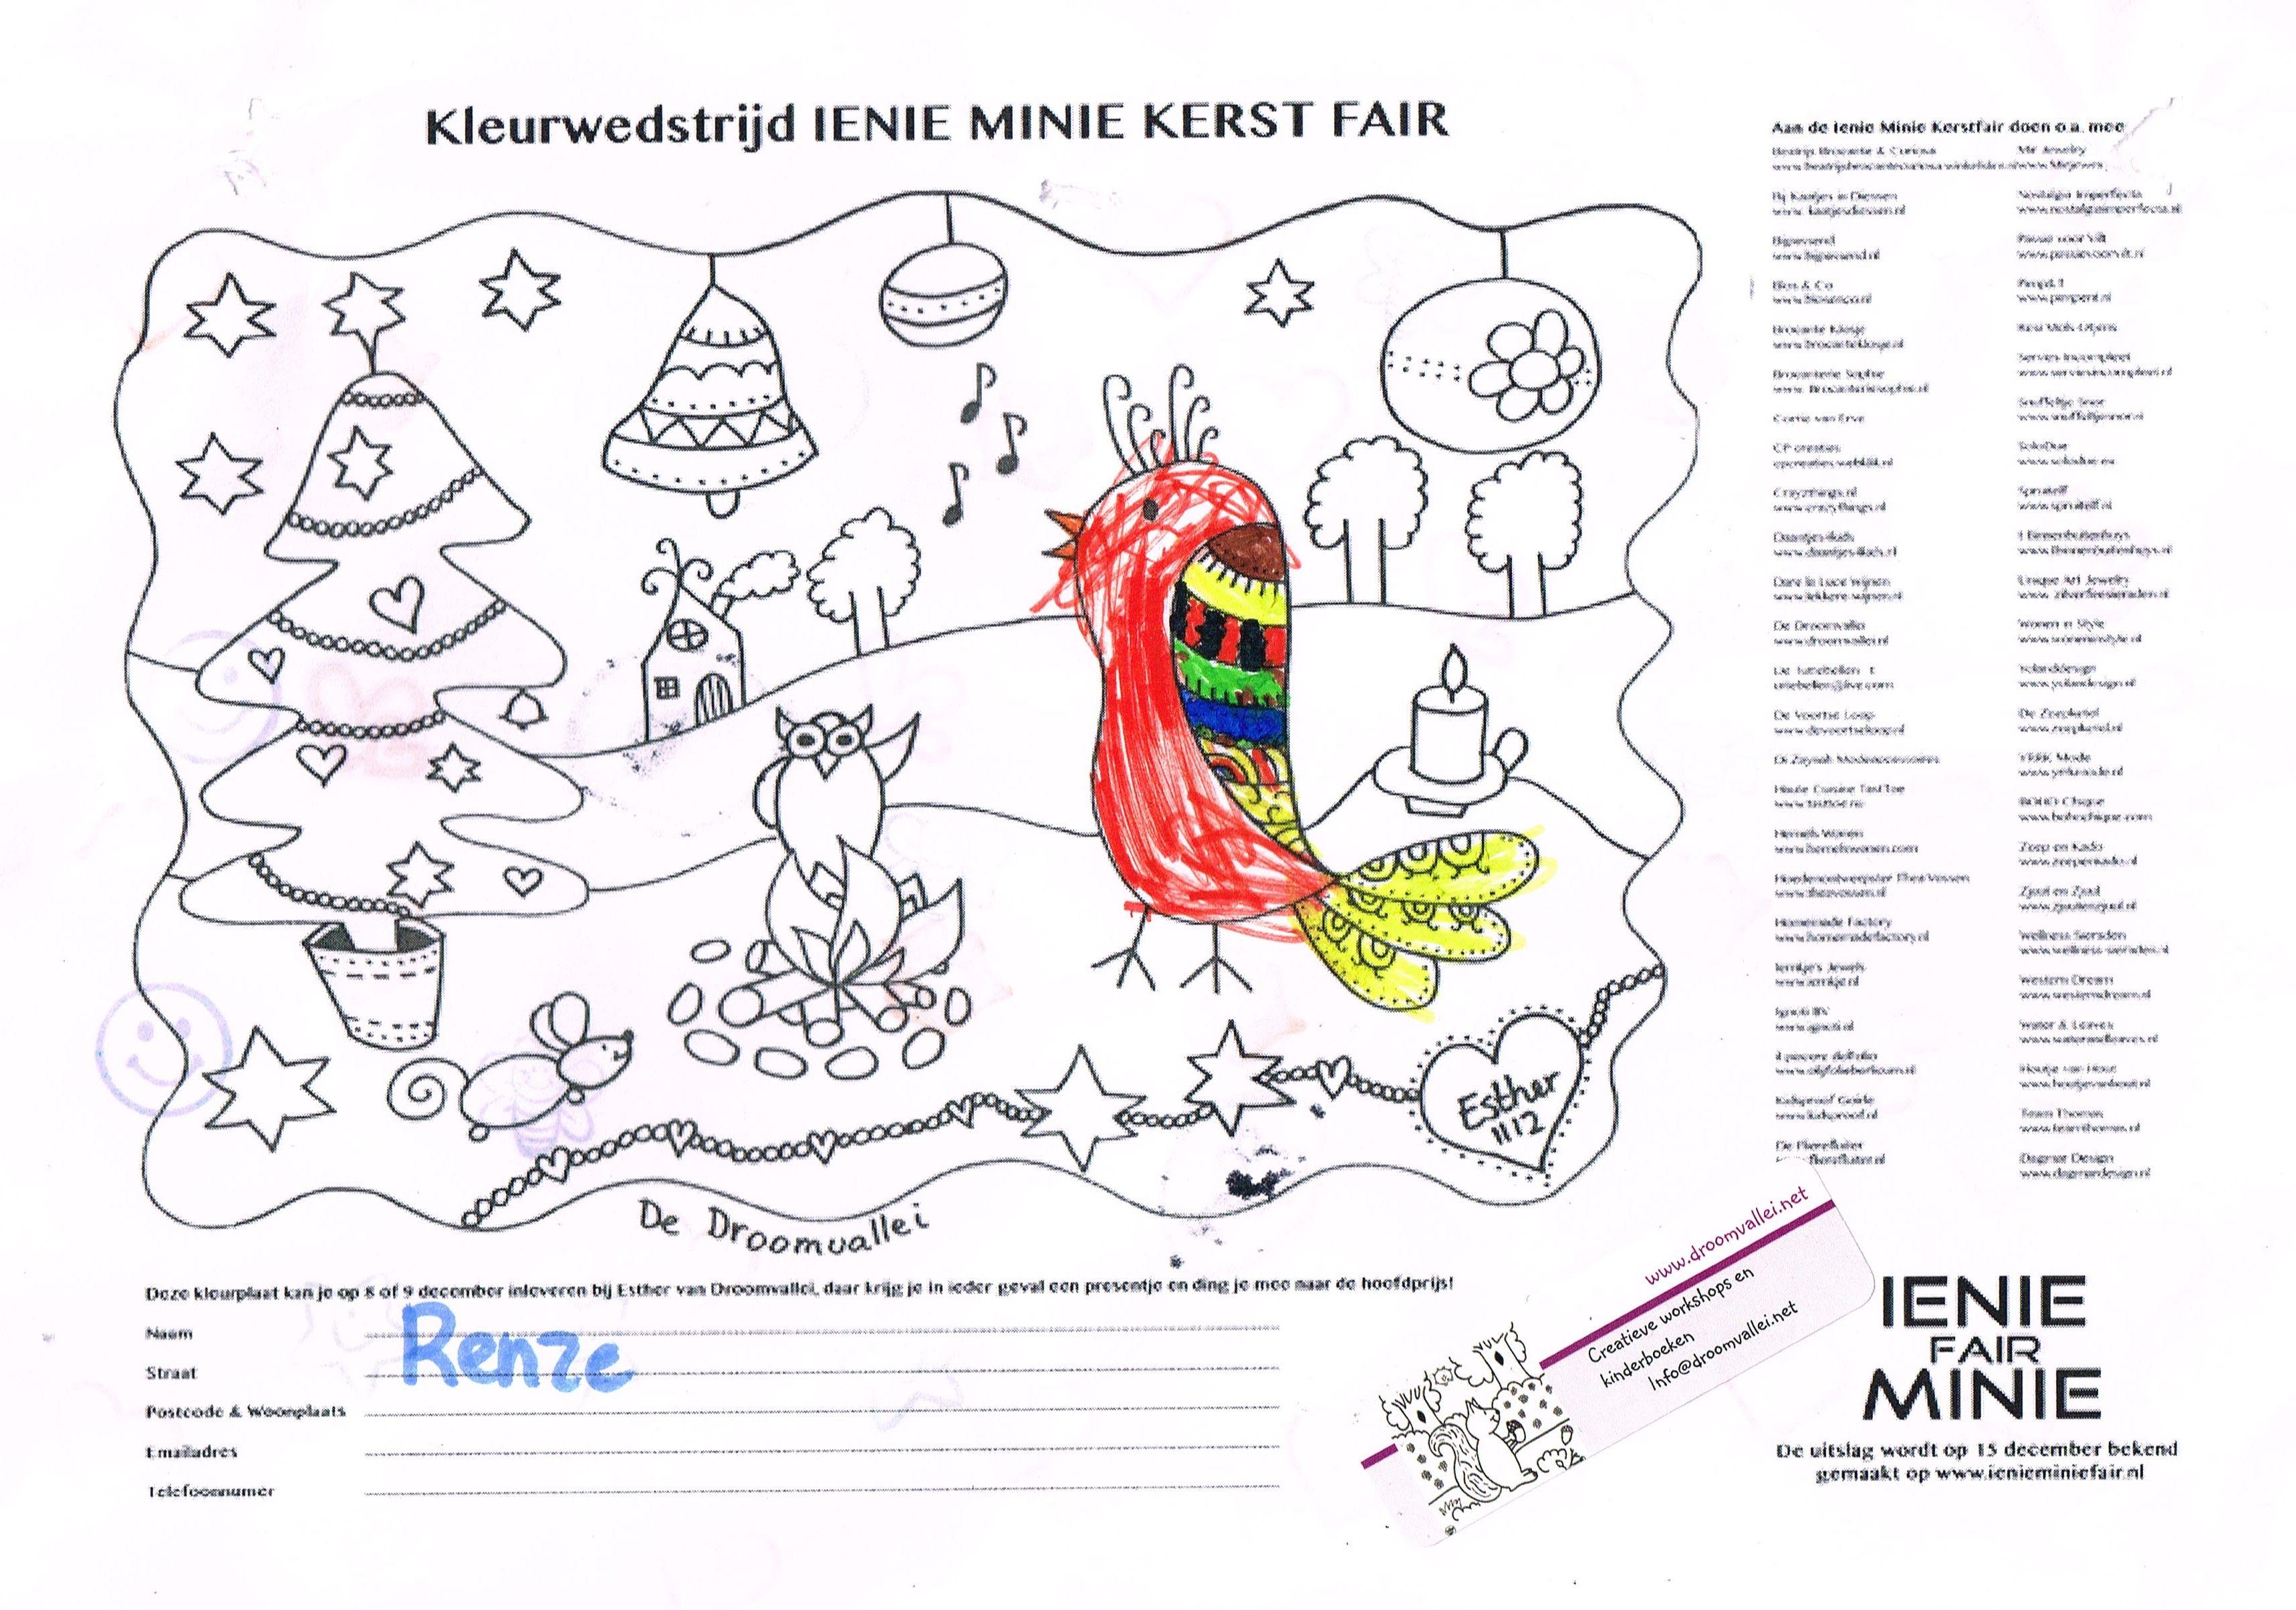 Een Inzending Voor De Kleurwedstrijd Van De Droomvallei En De Ienie Miniefair Mooi Like Of Laat Een Reactie Achter De Kleurplaat Met De M Kleurplaten Boeken